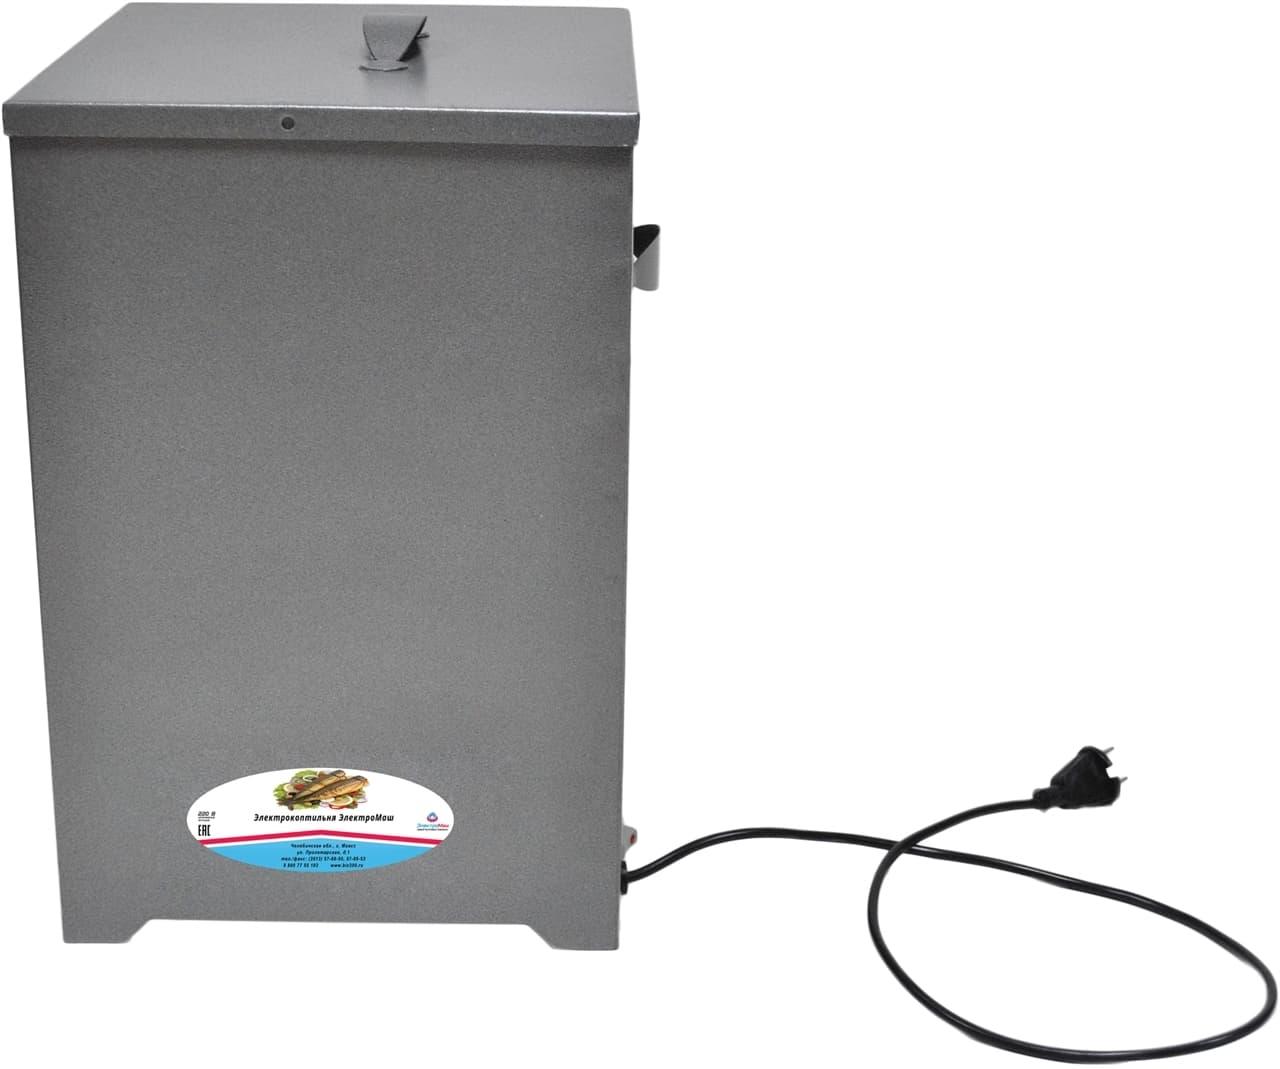 Коптильня двухуровневая электрическая Электромаш - фото 5043